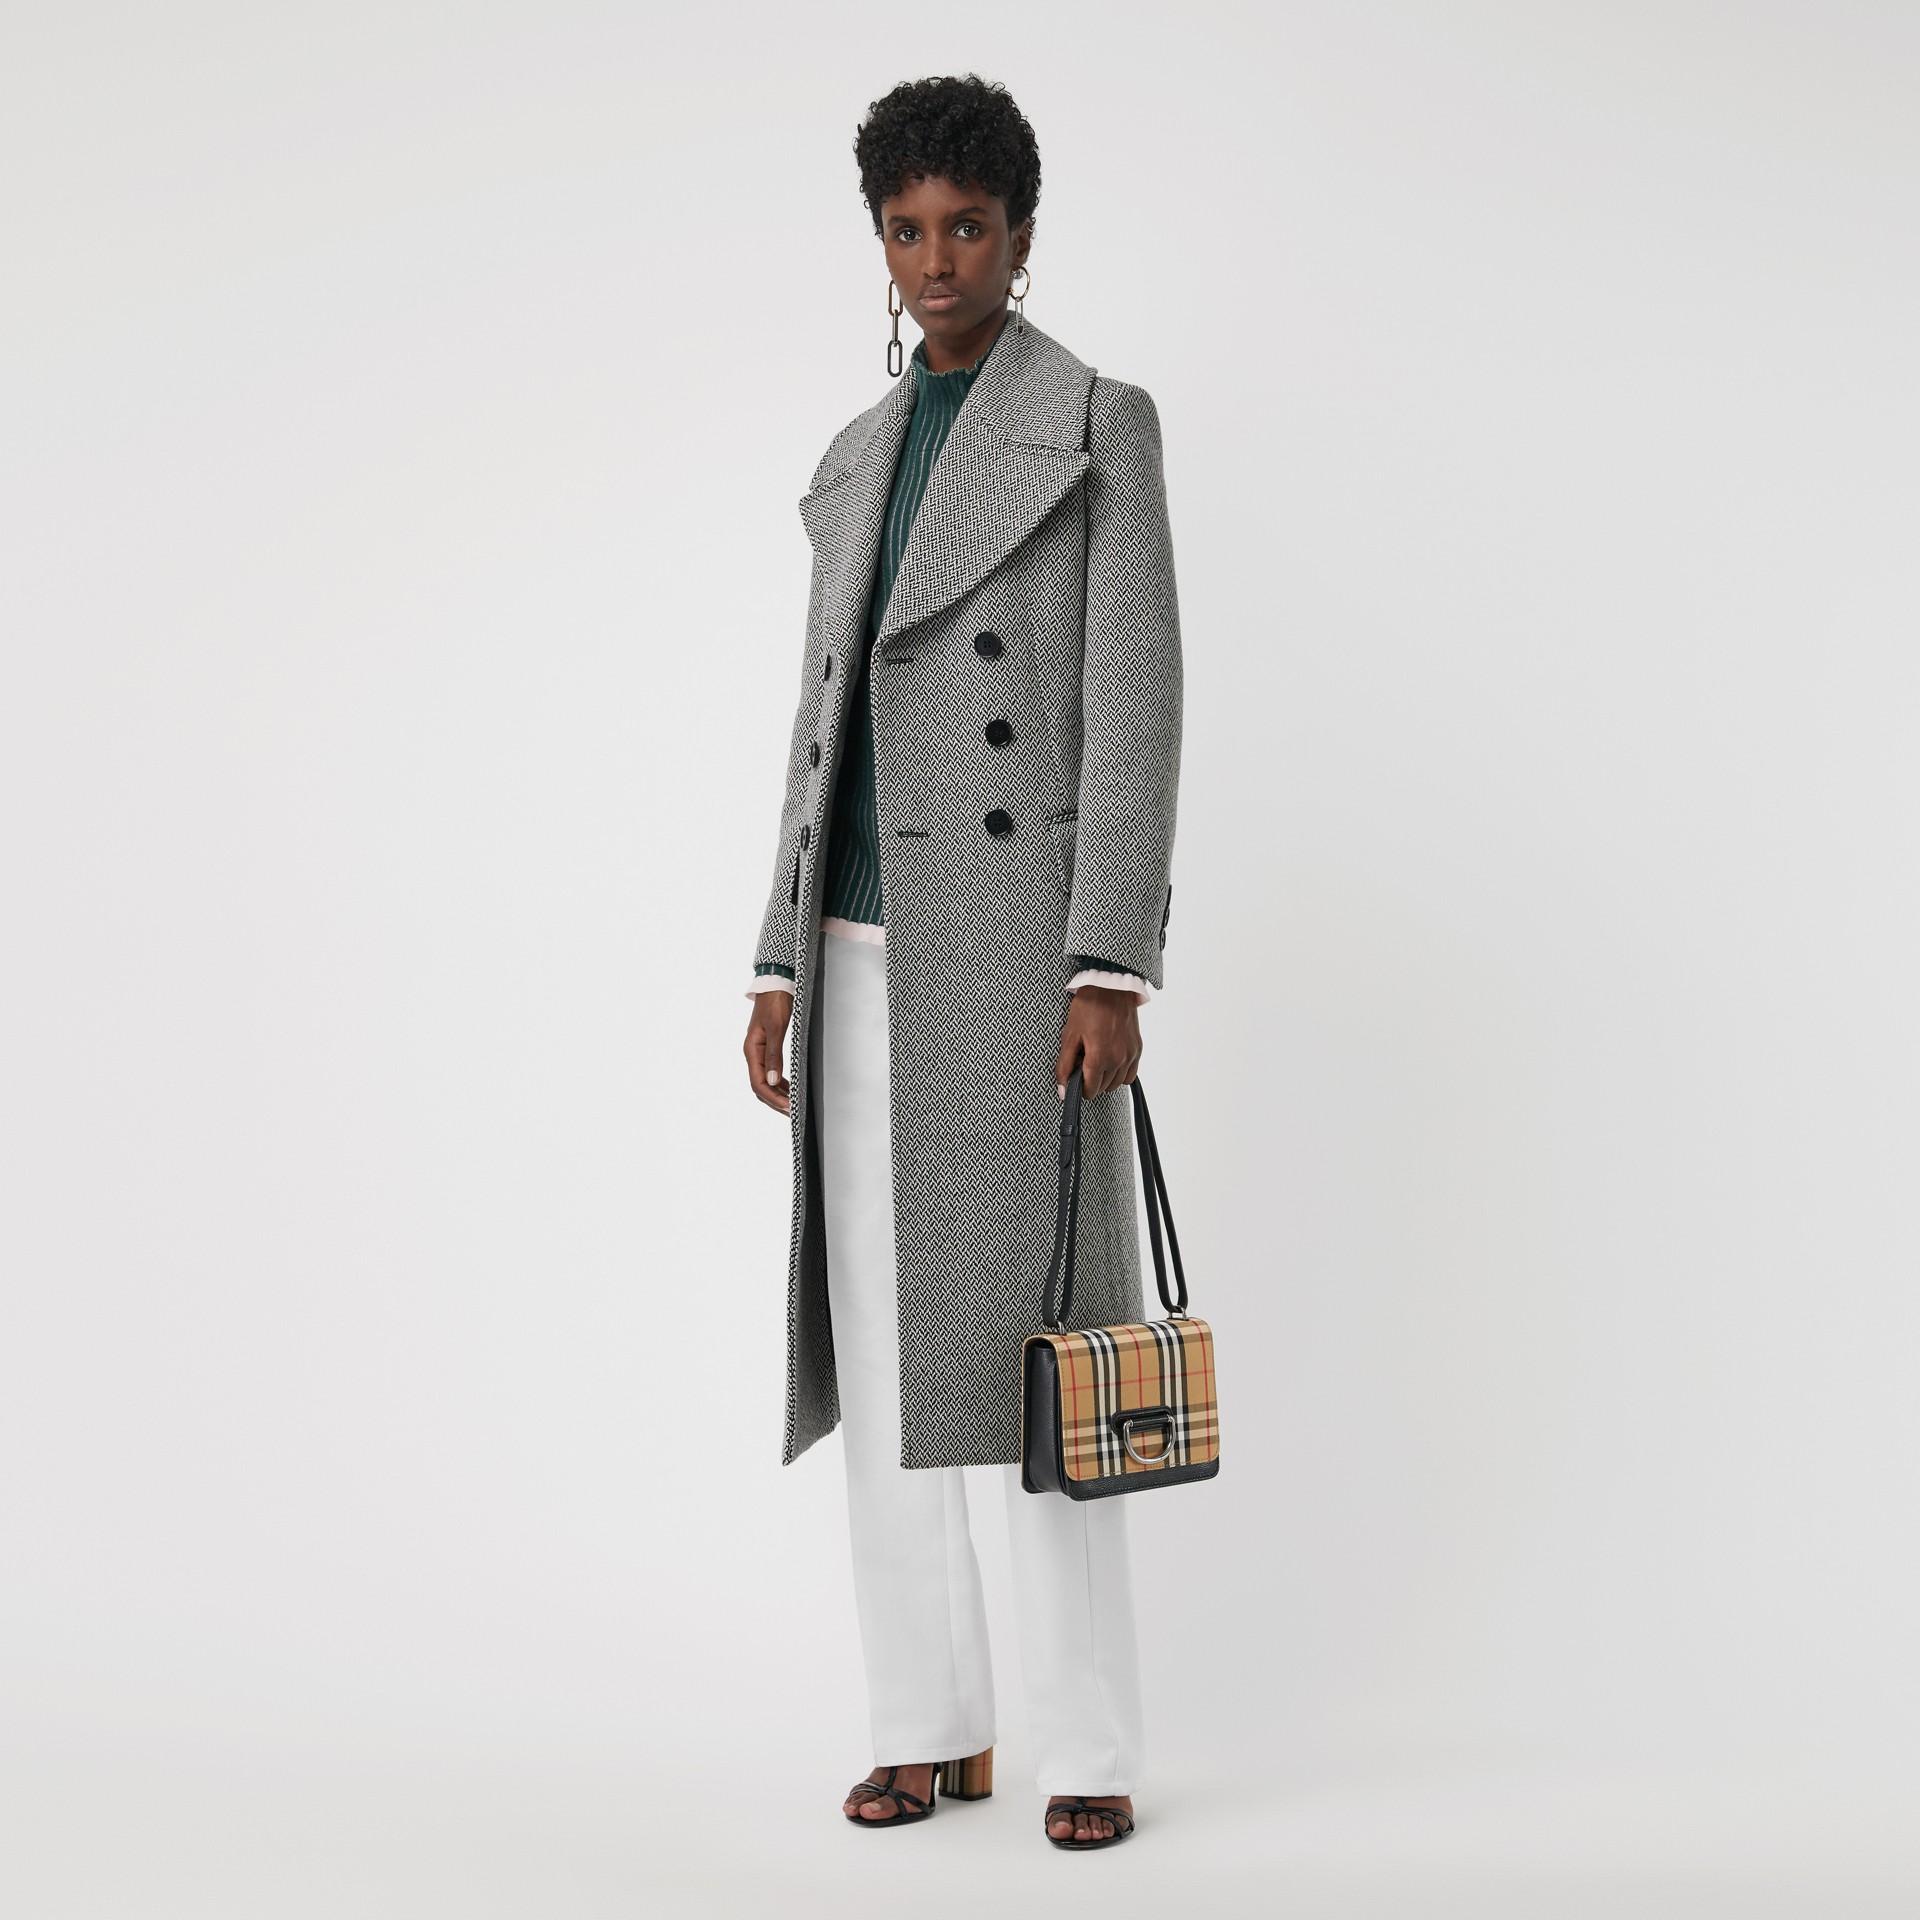 Petit sac TheD-ring en cuir et à motif Vintage check (Noir/jaune Antique) - Femme | Burberry - photo de la galerie 2